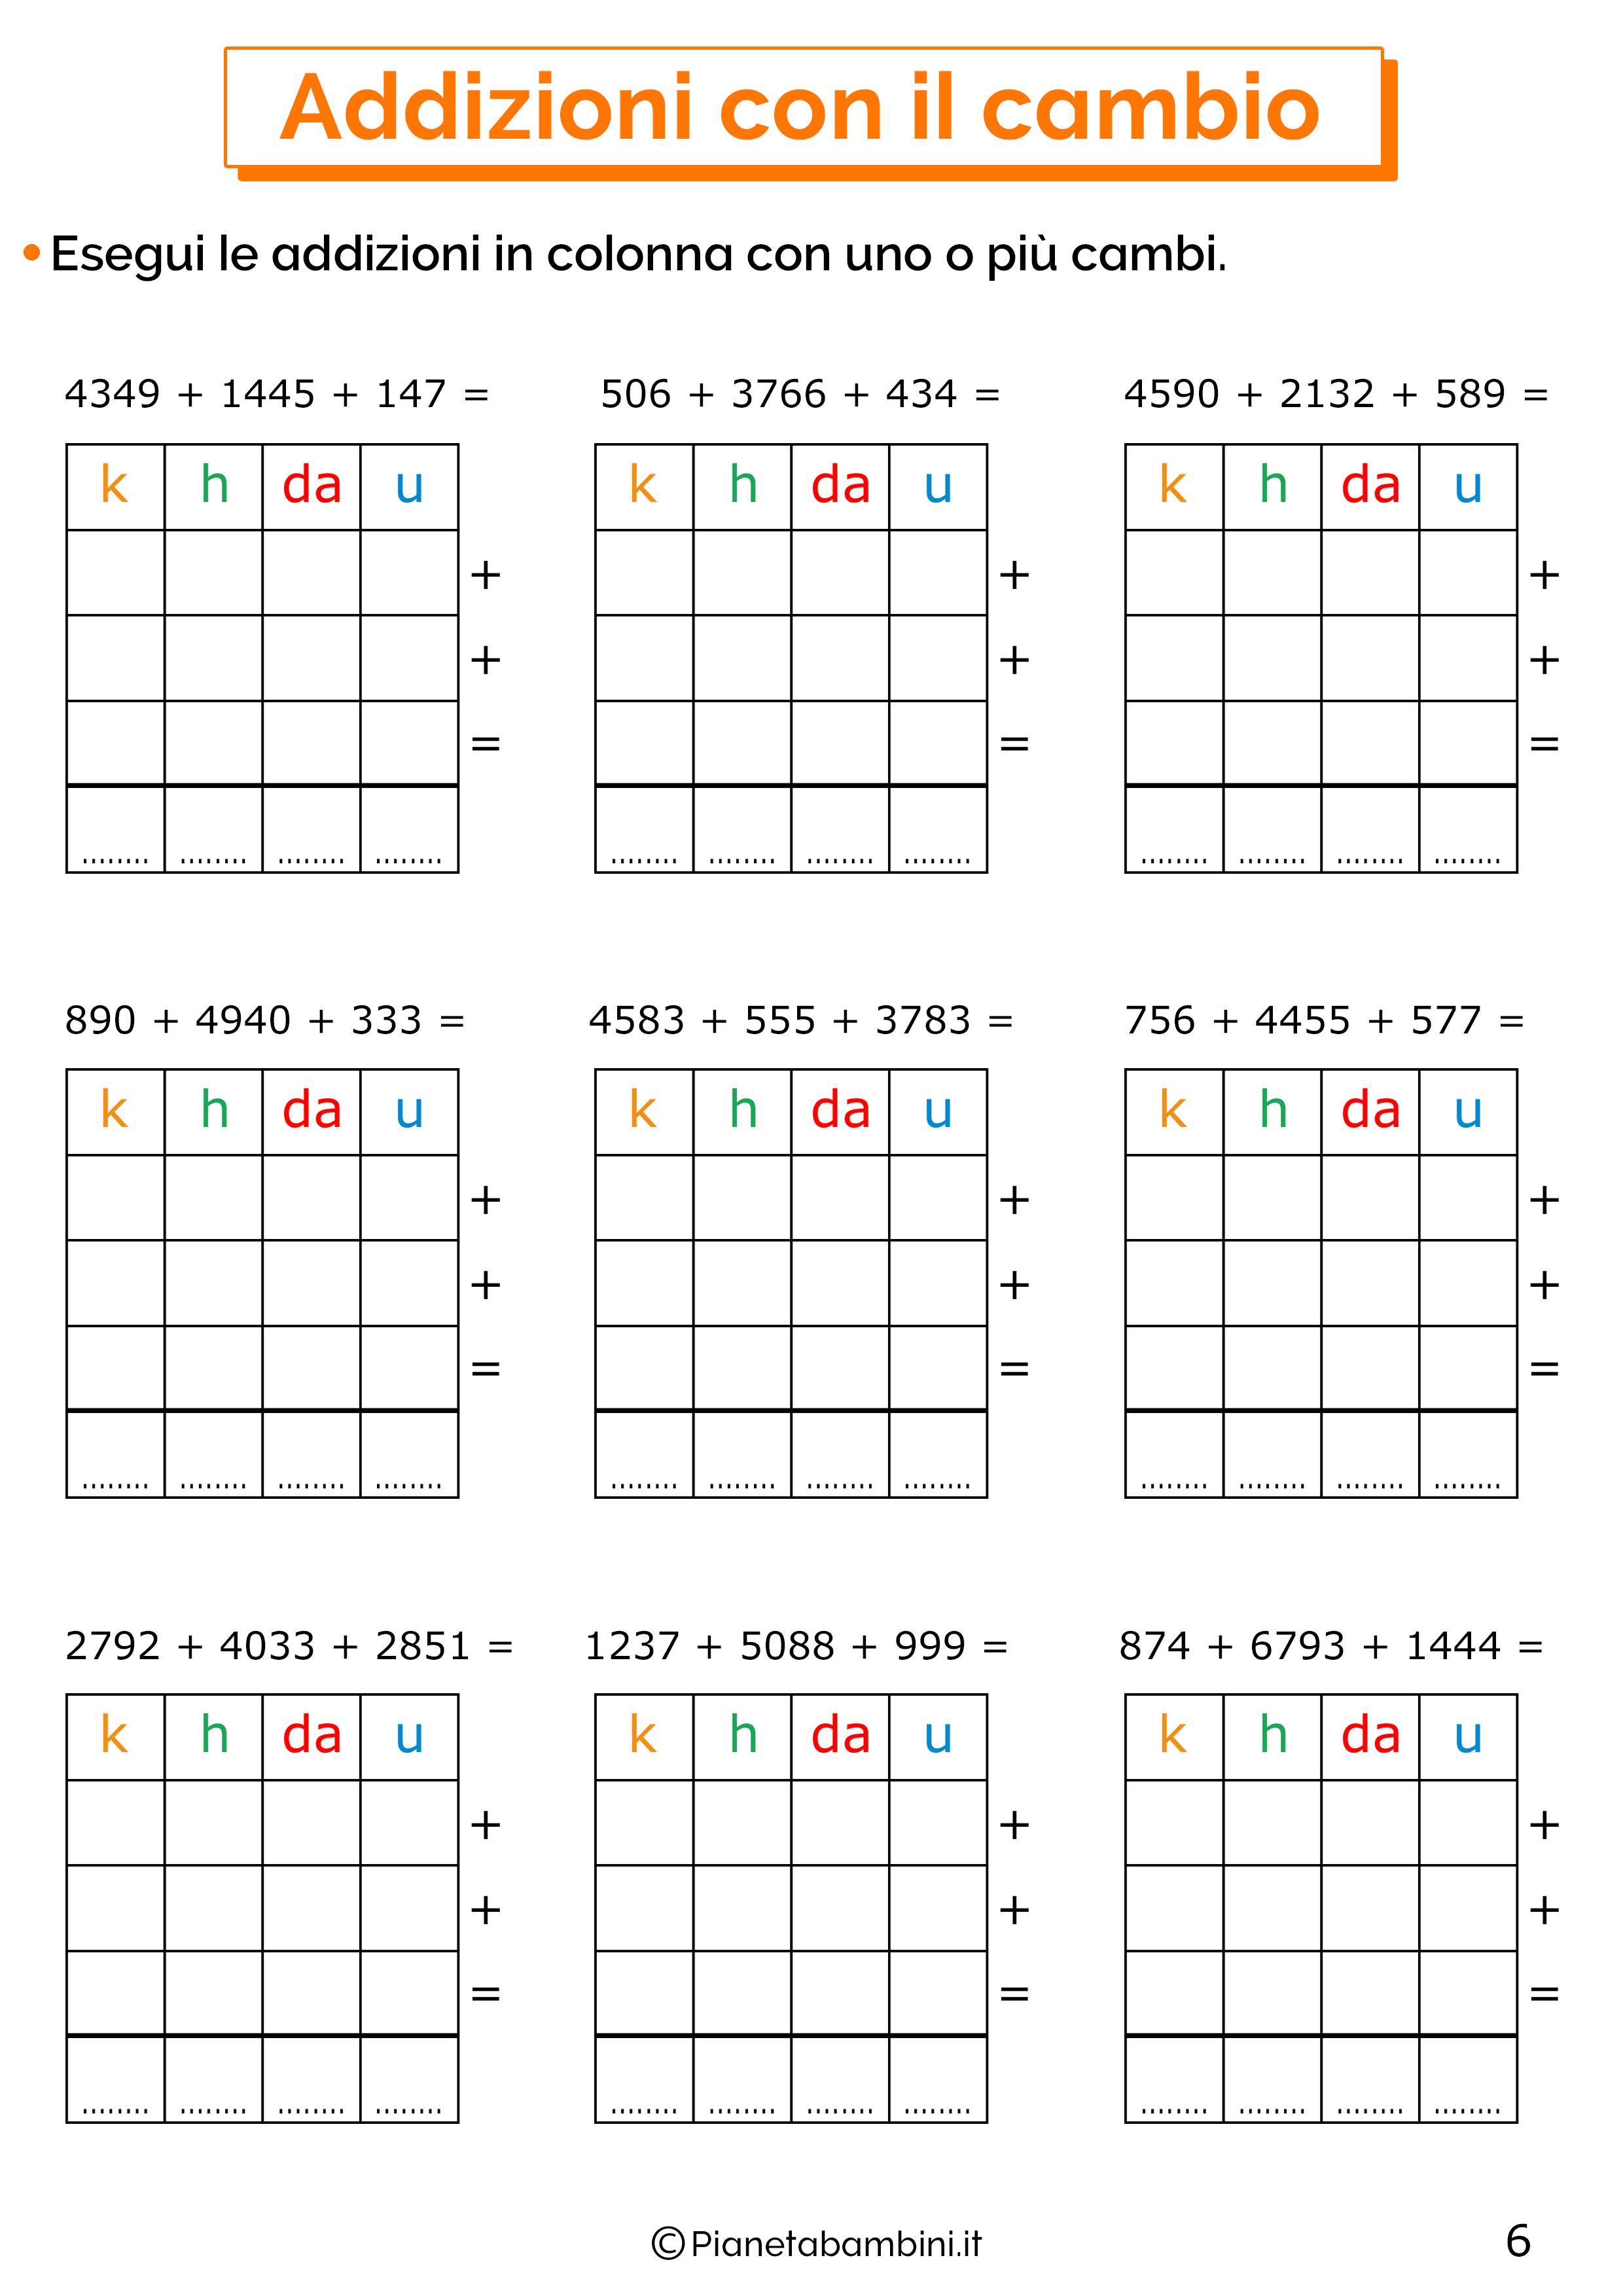 Addizioni in colonna con il cambio a quattro cifre per la classe terza 6